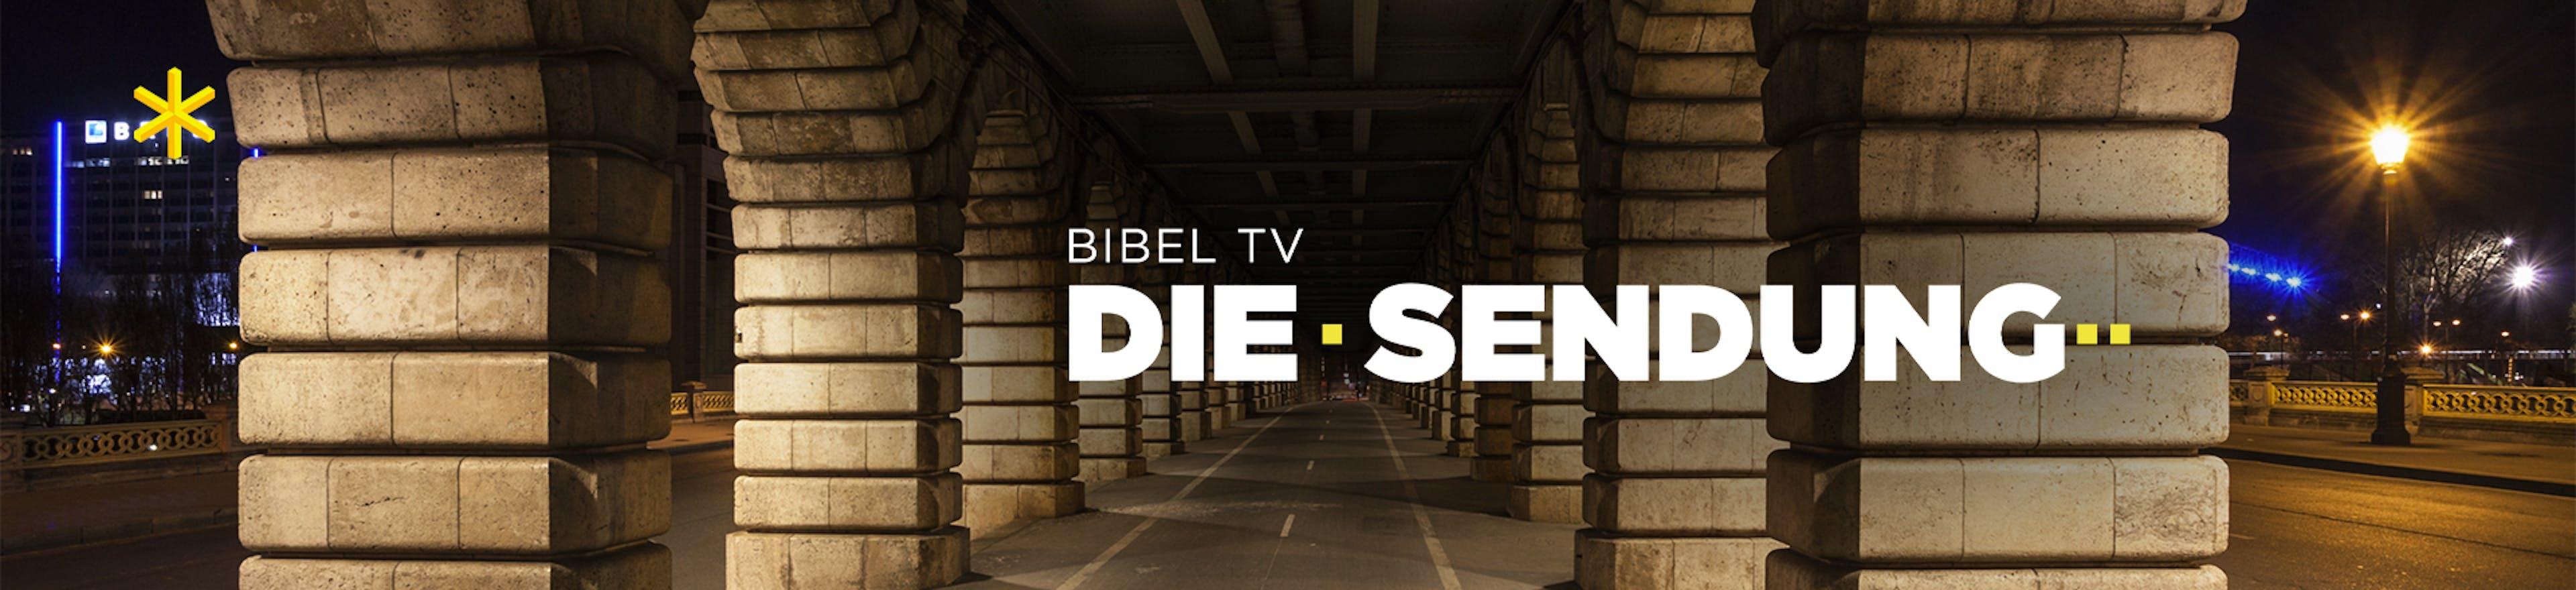 Bibel TV DIE SENDUNG